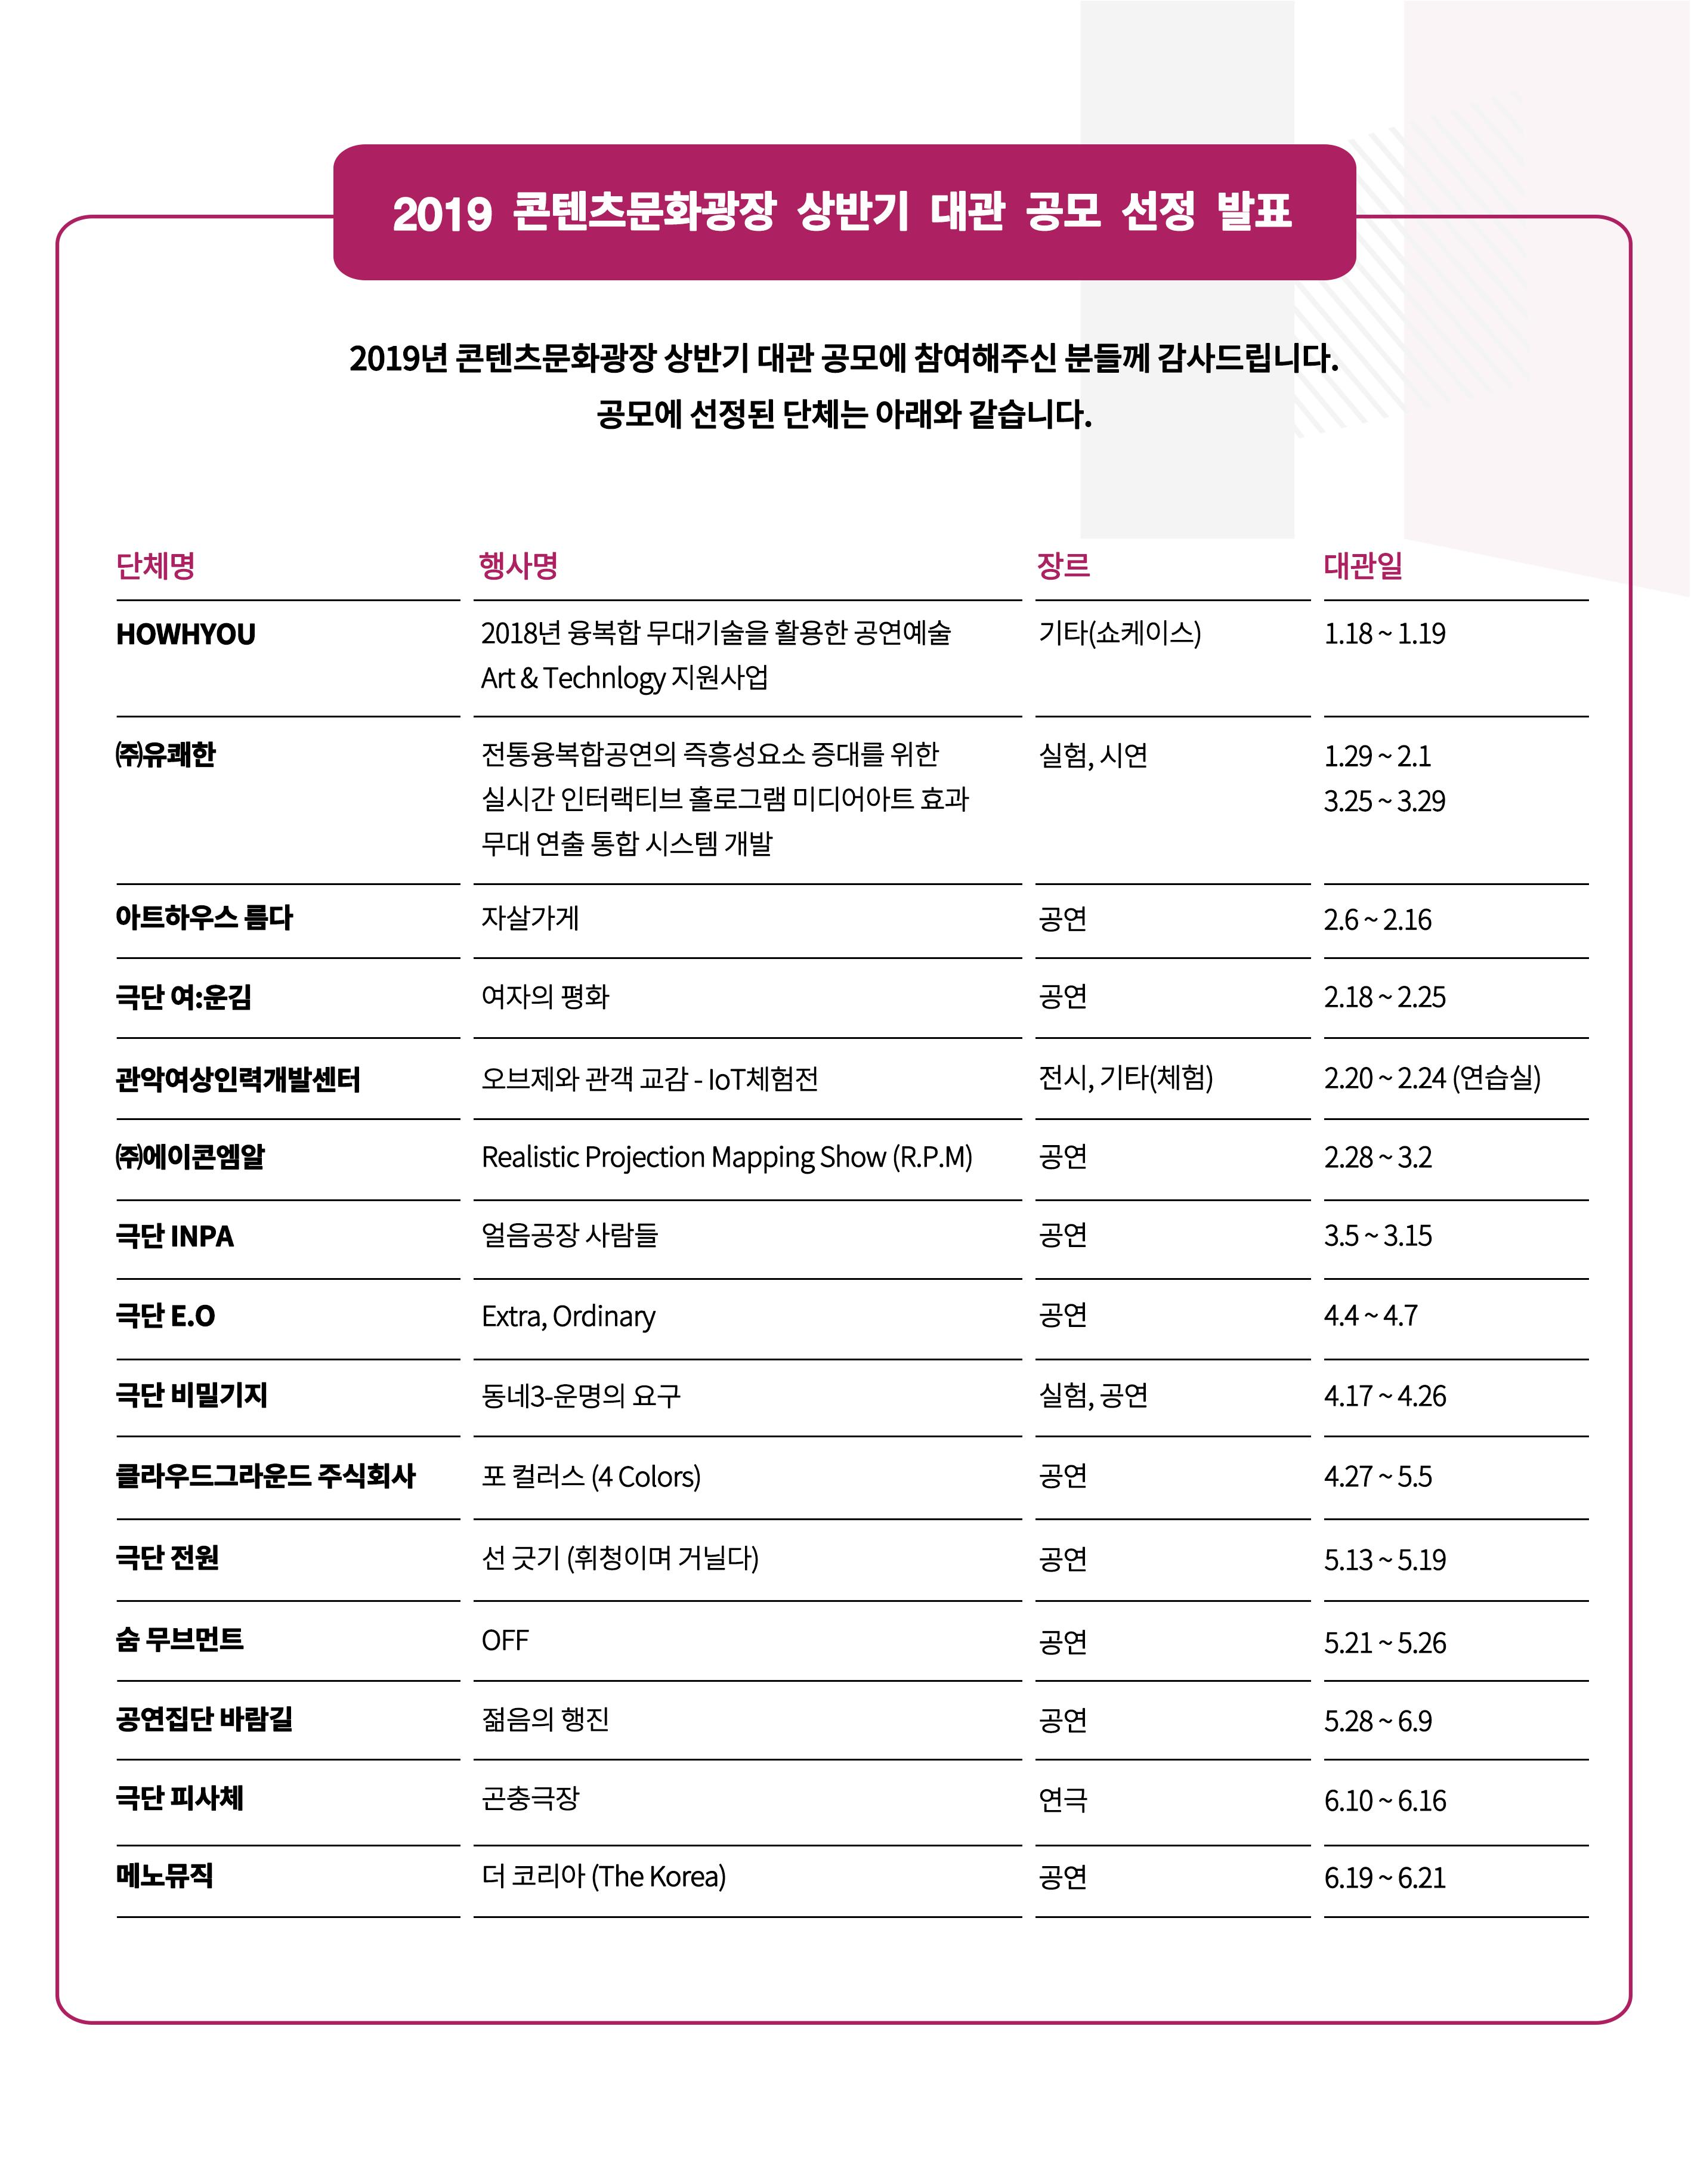 2019년_콘텐츠문화광장_상반기_대관공모_결과안내_이미지_1